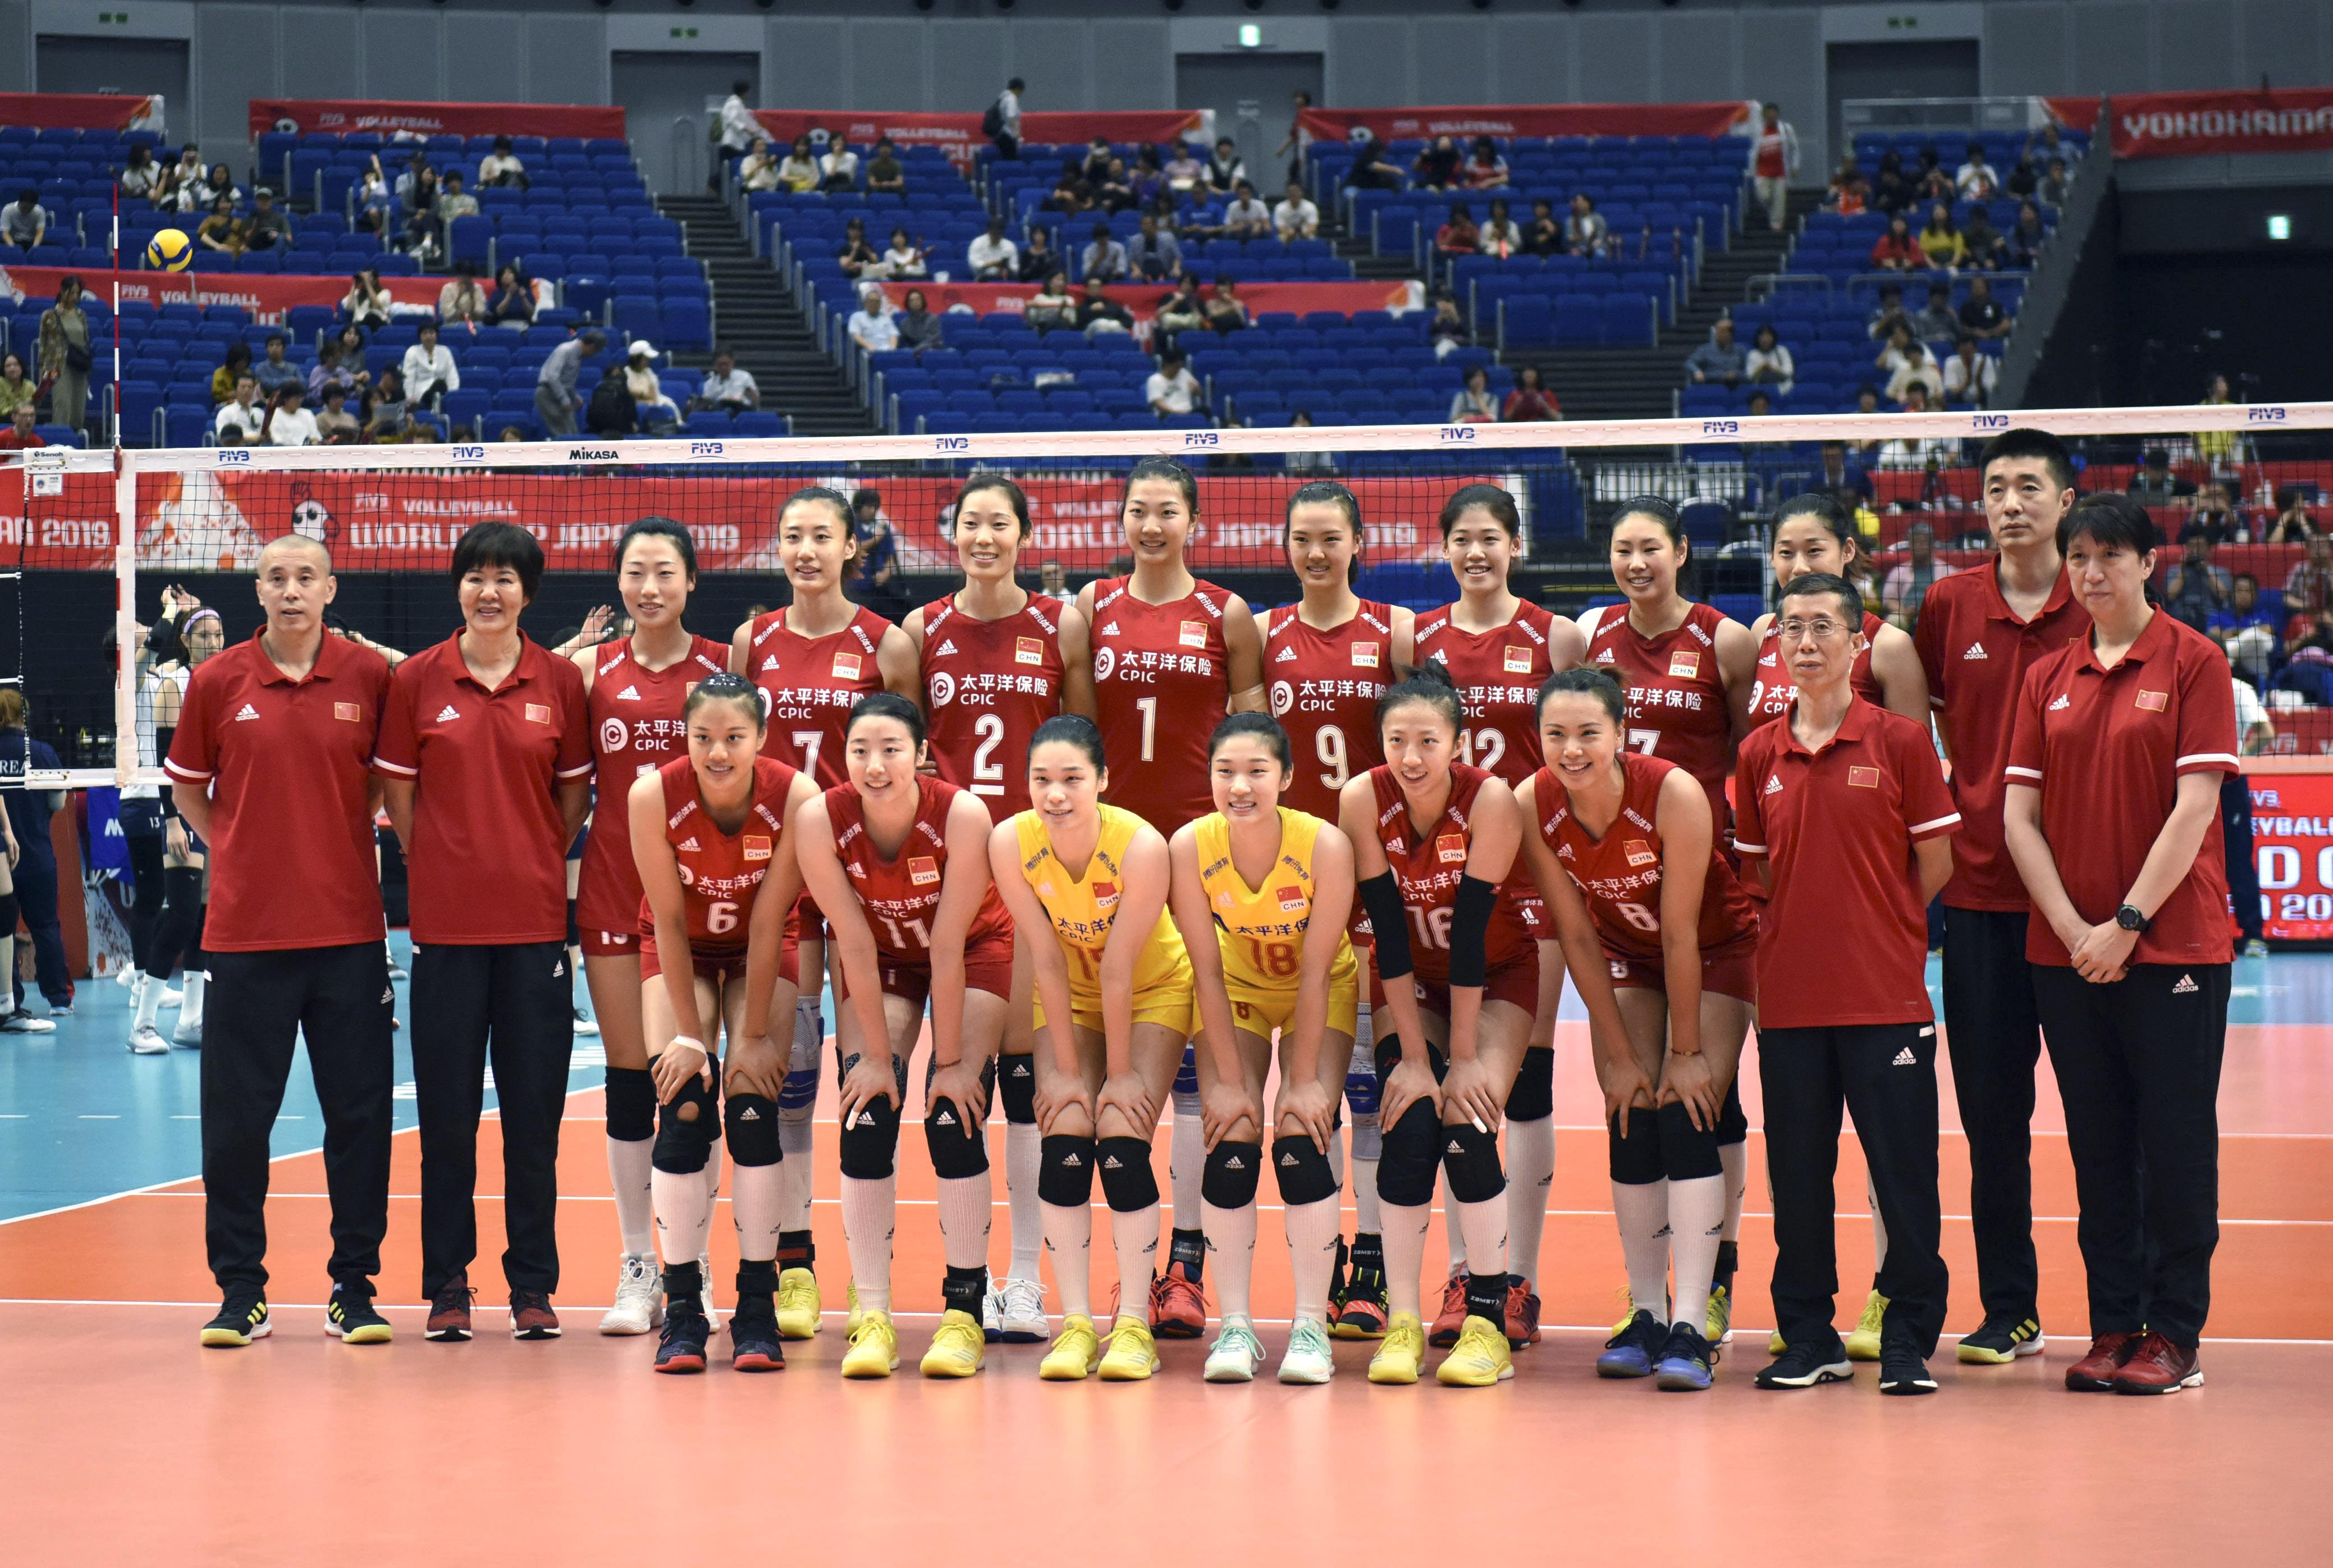 排球——女排世界杯:中国队对阵韩国队